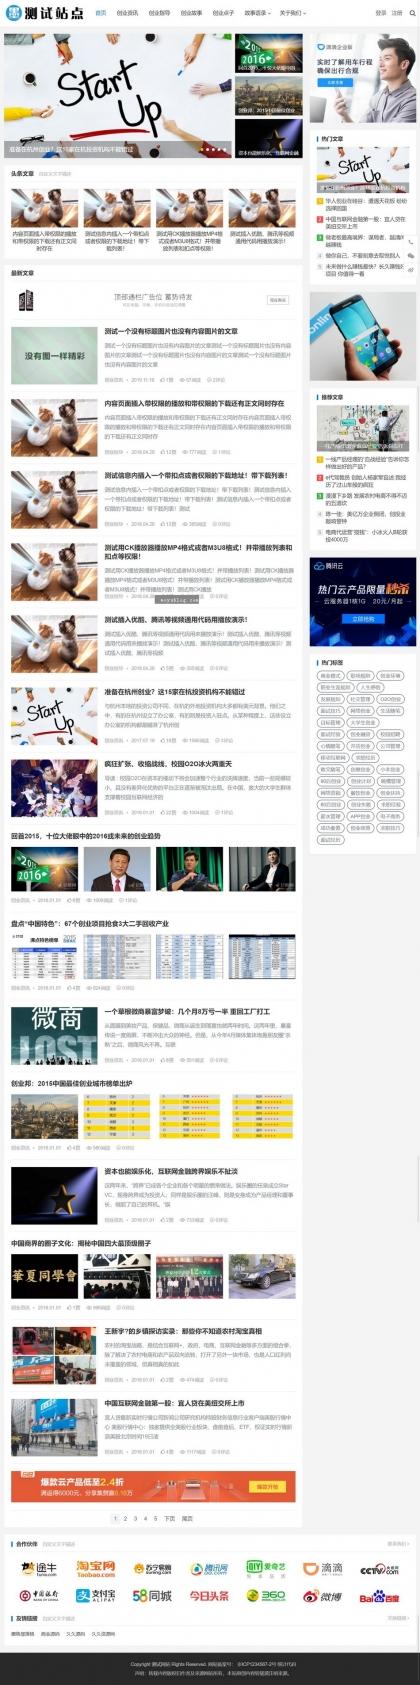 帝国CMS模板自适应手机HTML5新闻资讯个人博客工作室视频收费播放下载整站-ecms234